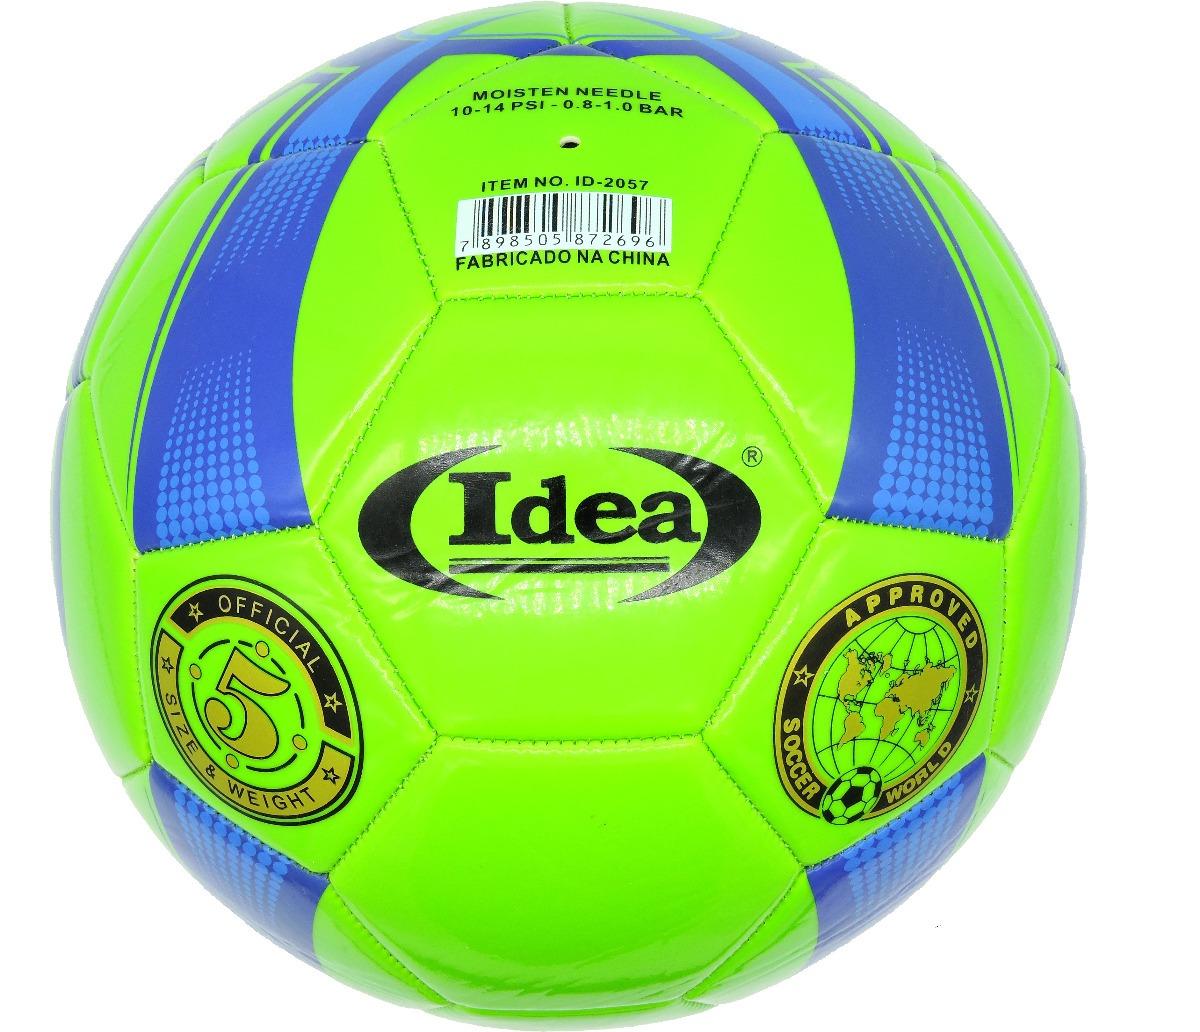 Kit Com 4 Bolas De Futebol Para Revenda - Preço De Atacado - R  79 ... 7e4738a82b116